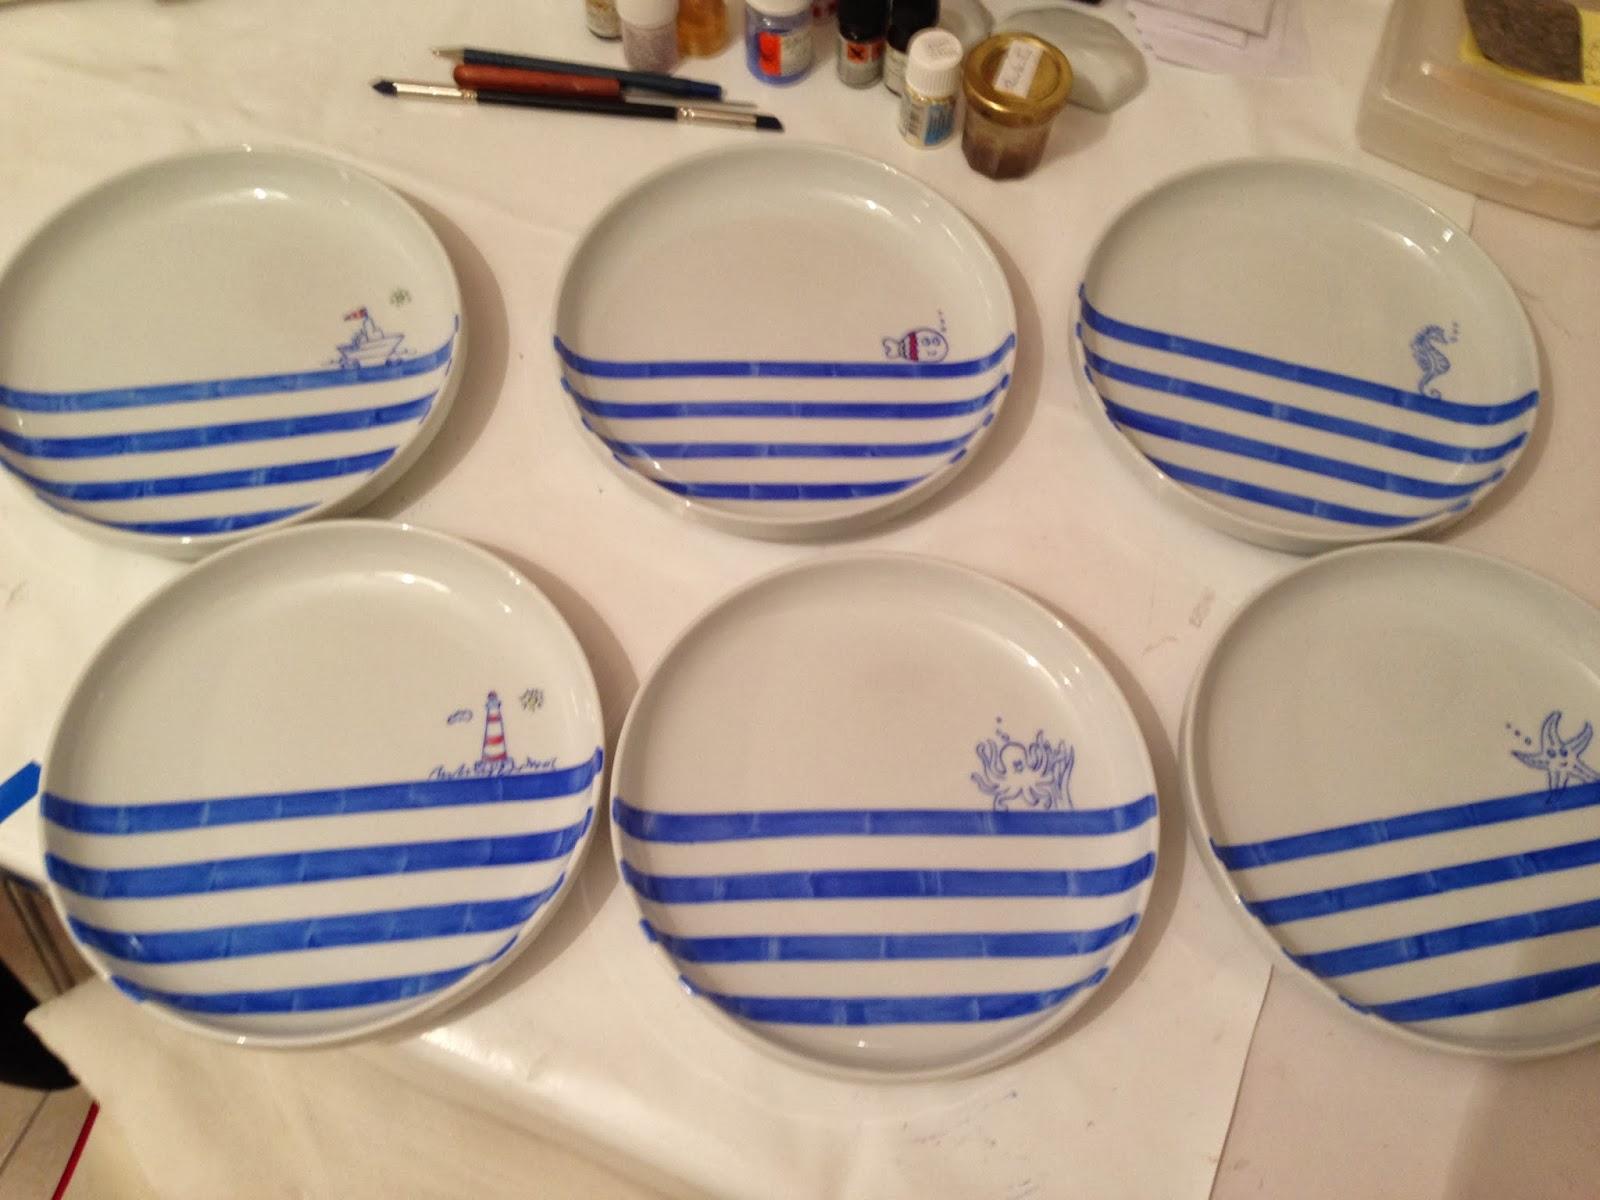 Peinture Sur Porcelaine Assiette passion, peinture et porcelaine: les assiettes pour la